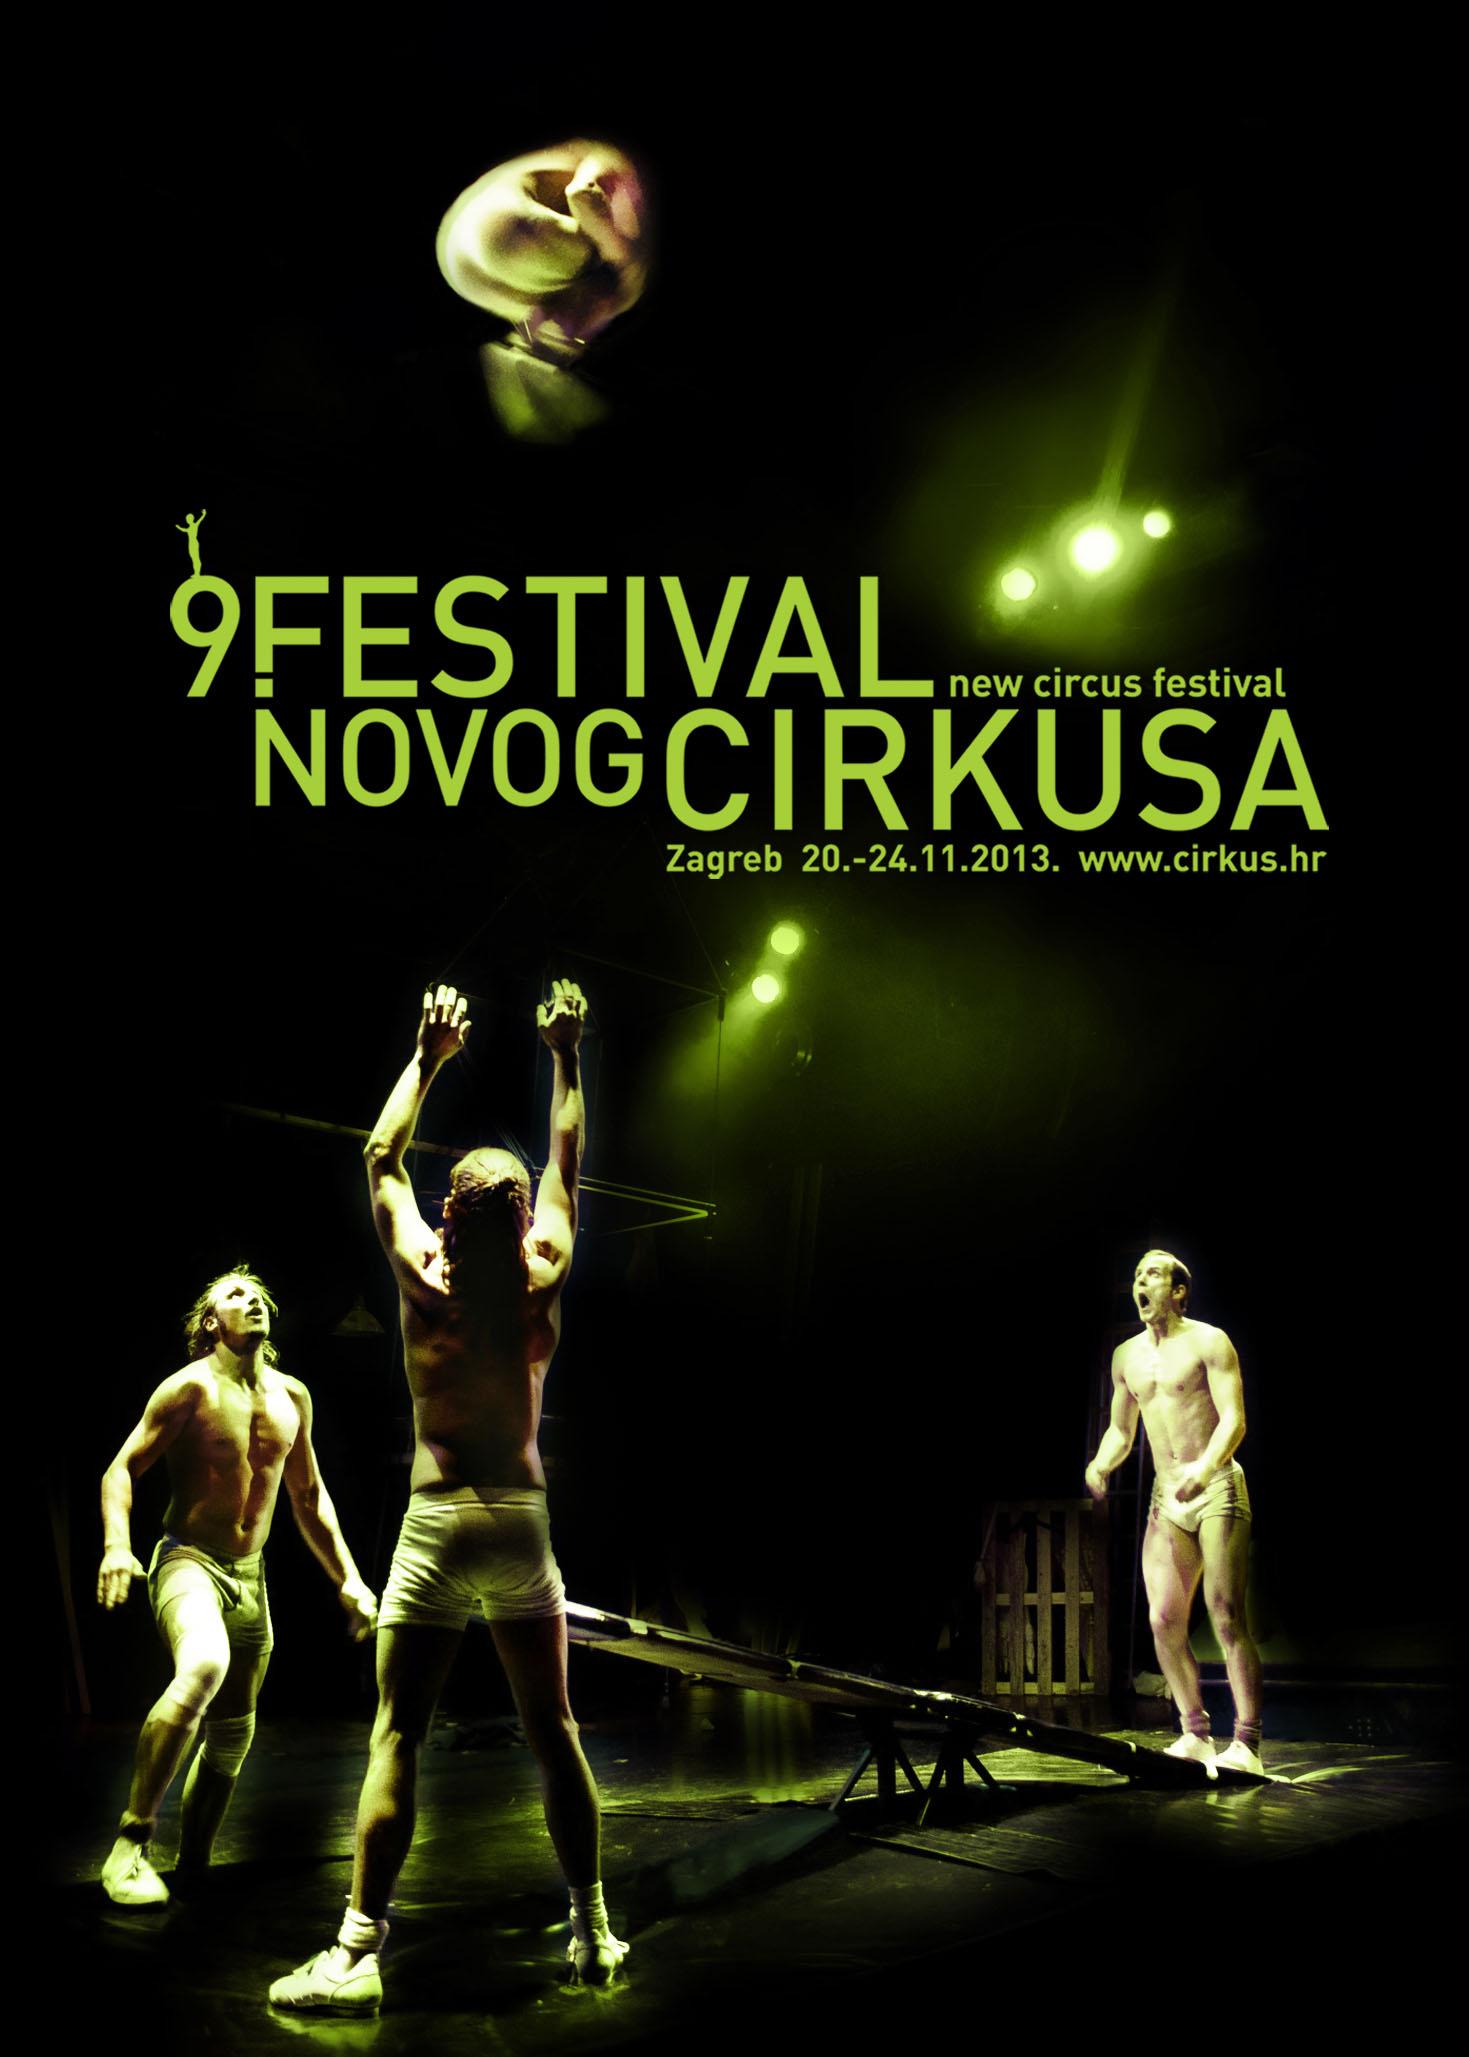 Festival novog cirkusa 9 B2